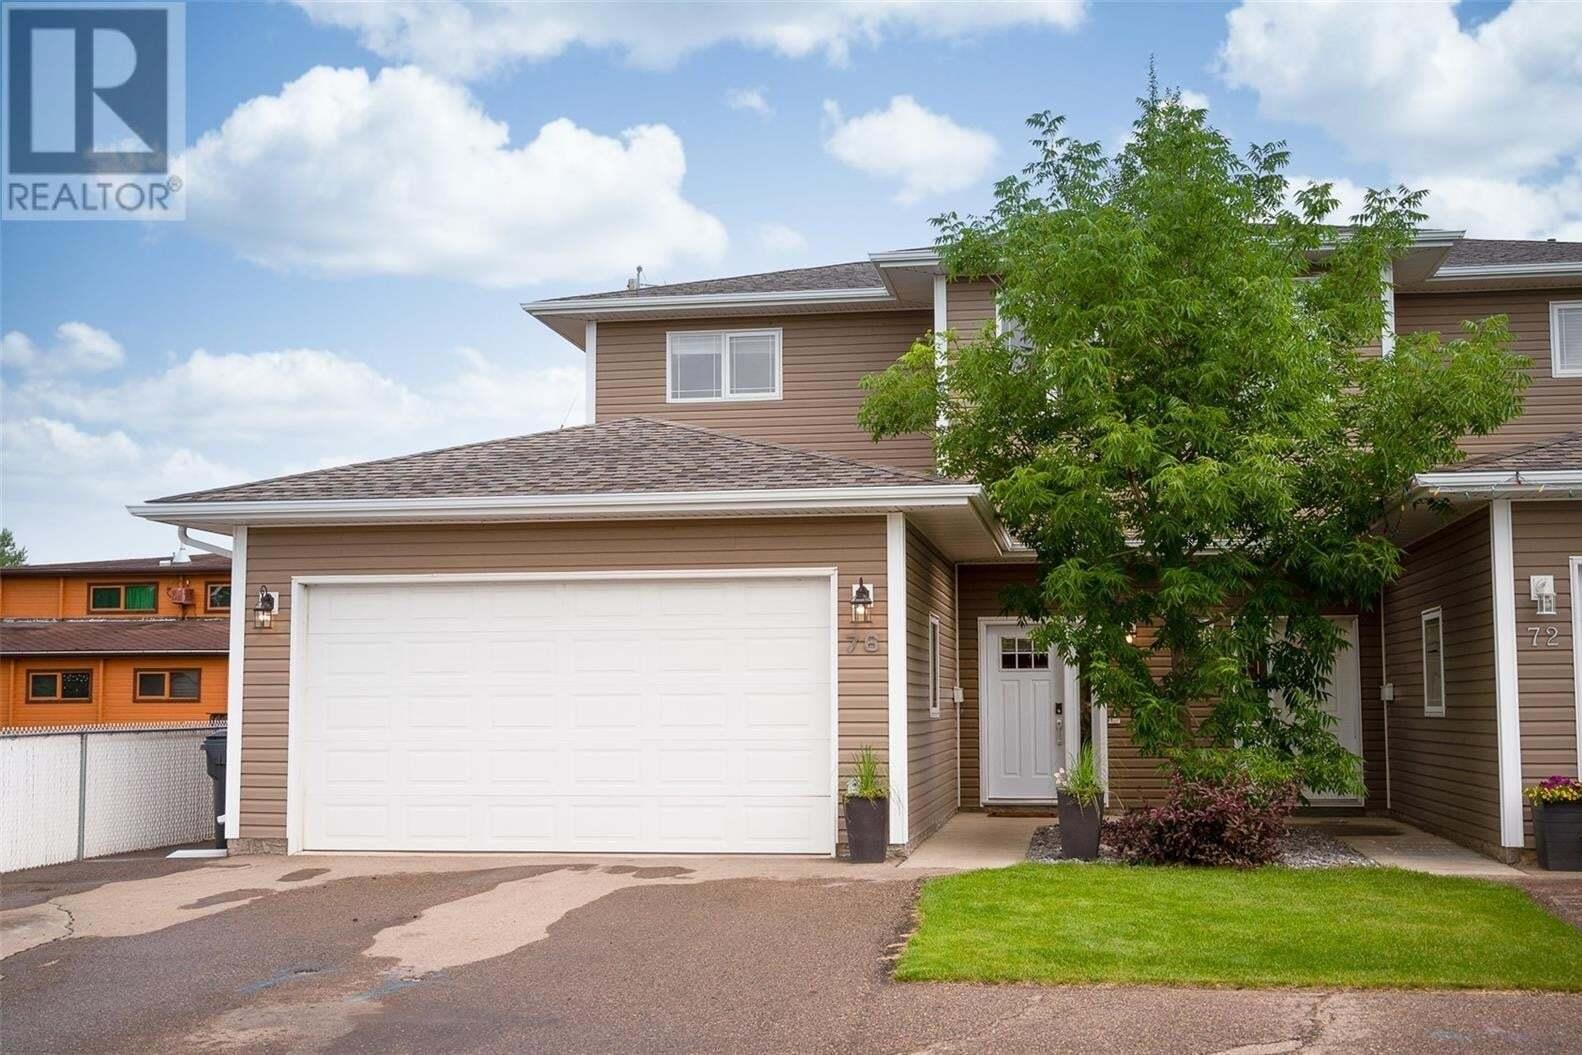 House for sale at 76 22nd St Battleford Saskatchewan - MLS: SK817408